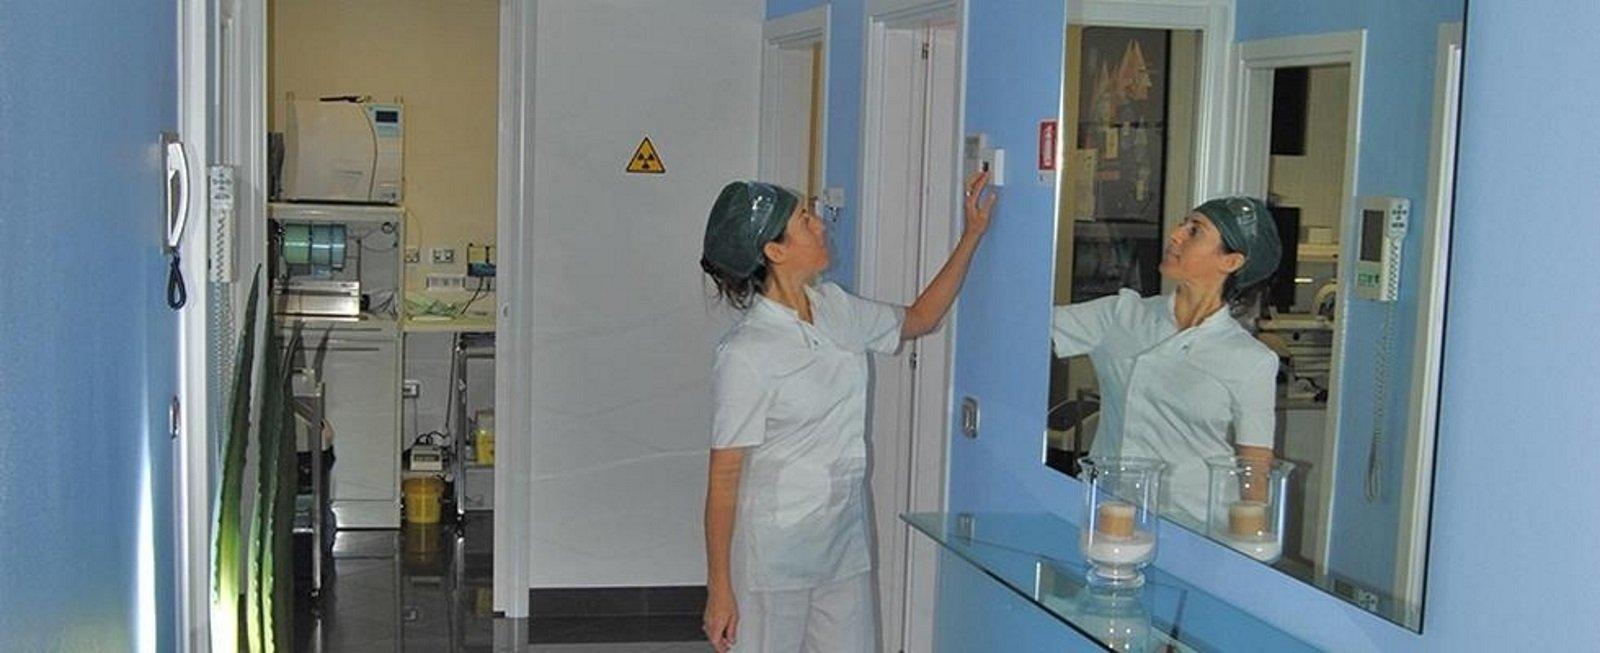 una dentista che preme un interruttore